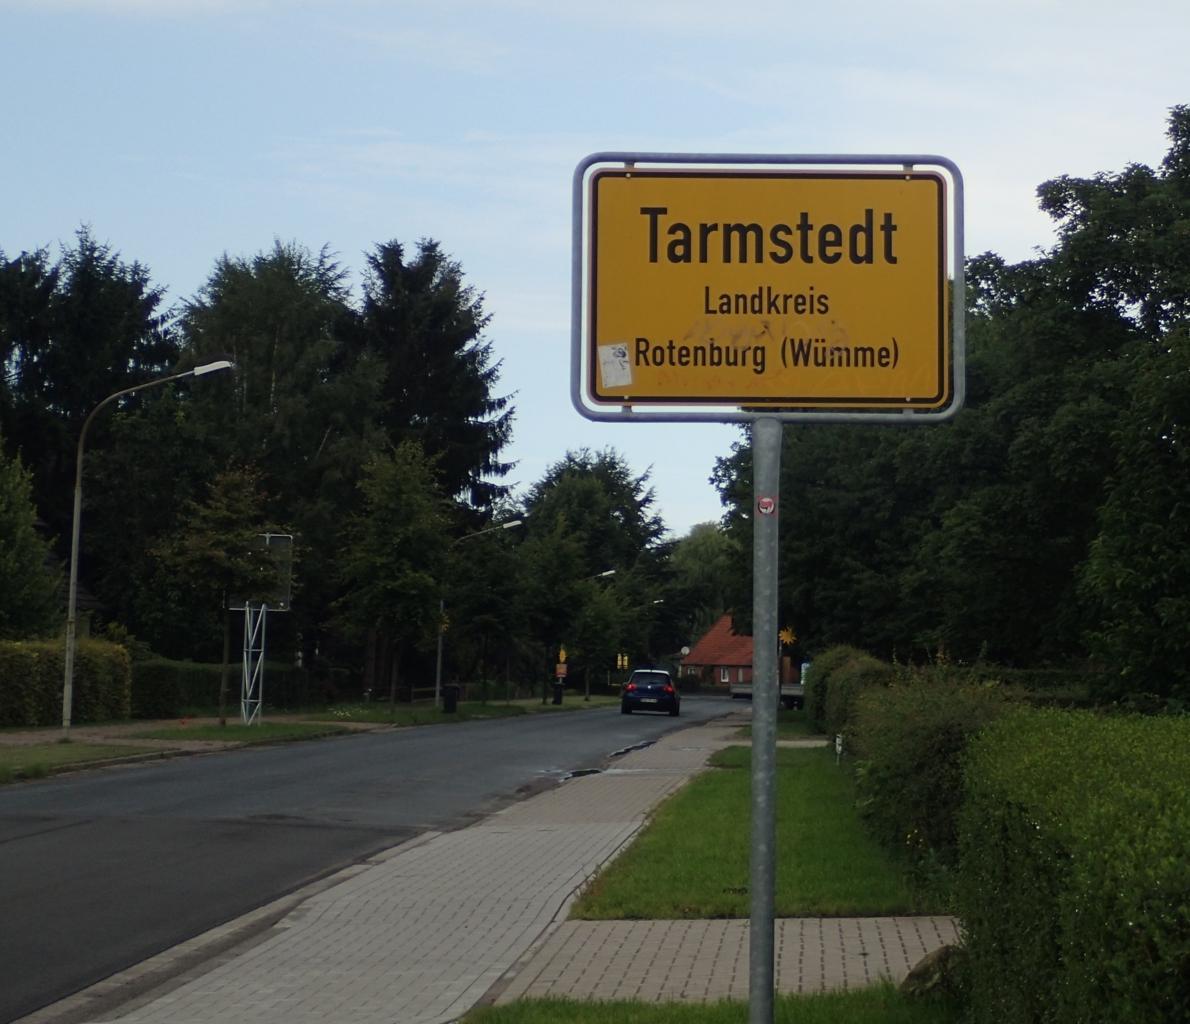 Tarmstedt, skilt